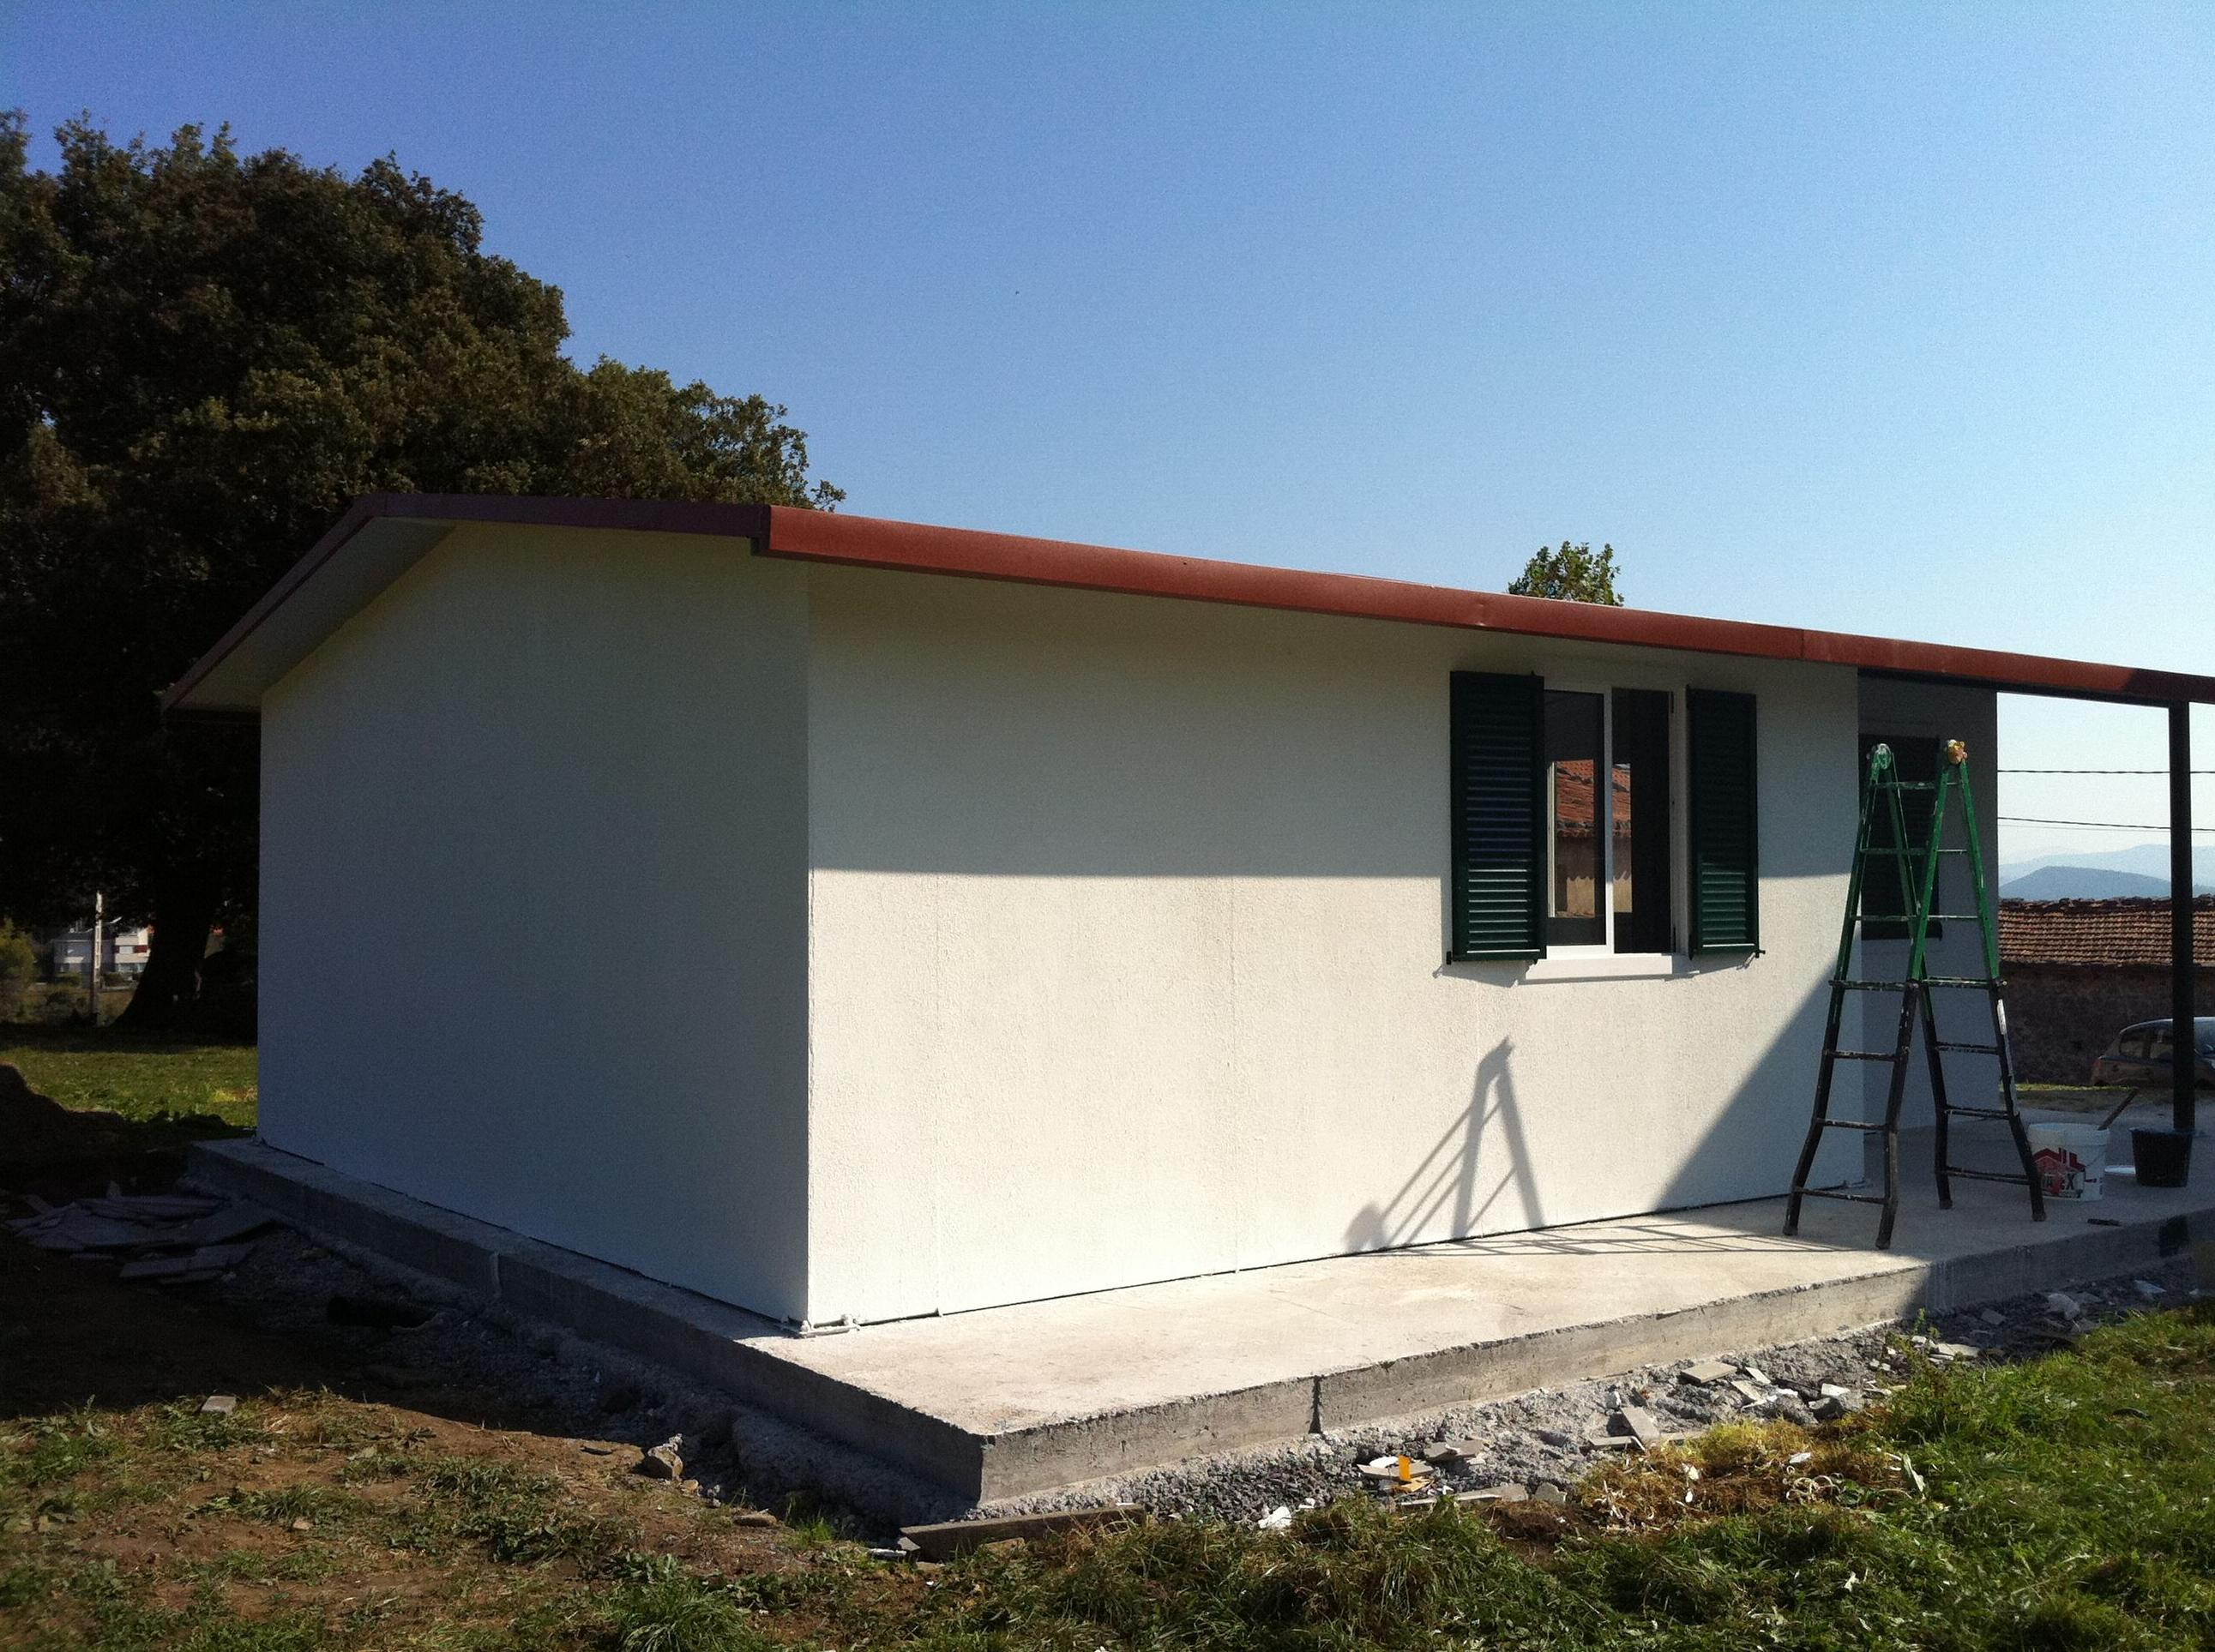 Foto 50 de Casas prefabricadas en Humanes | Wigarma